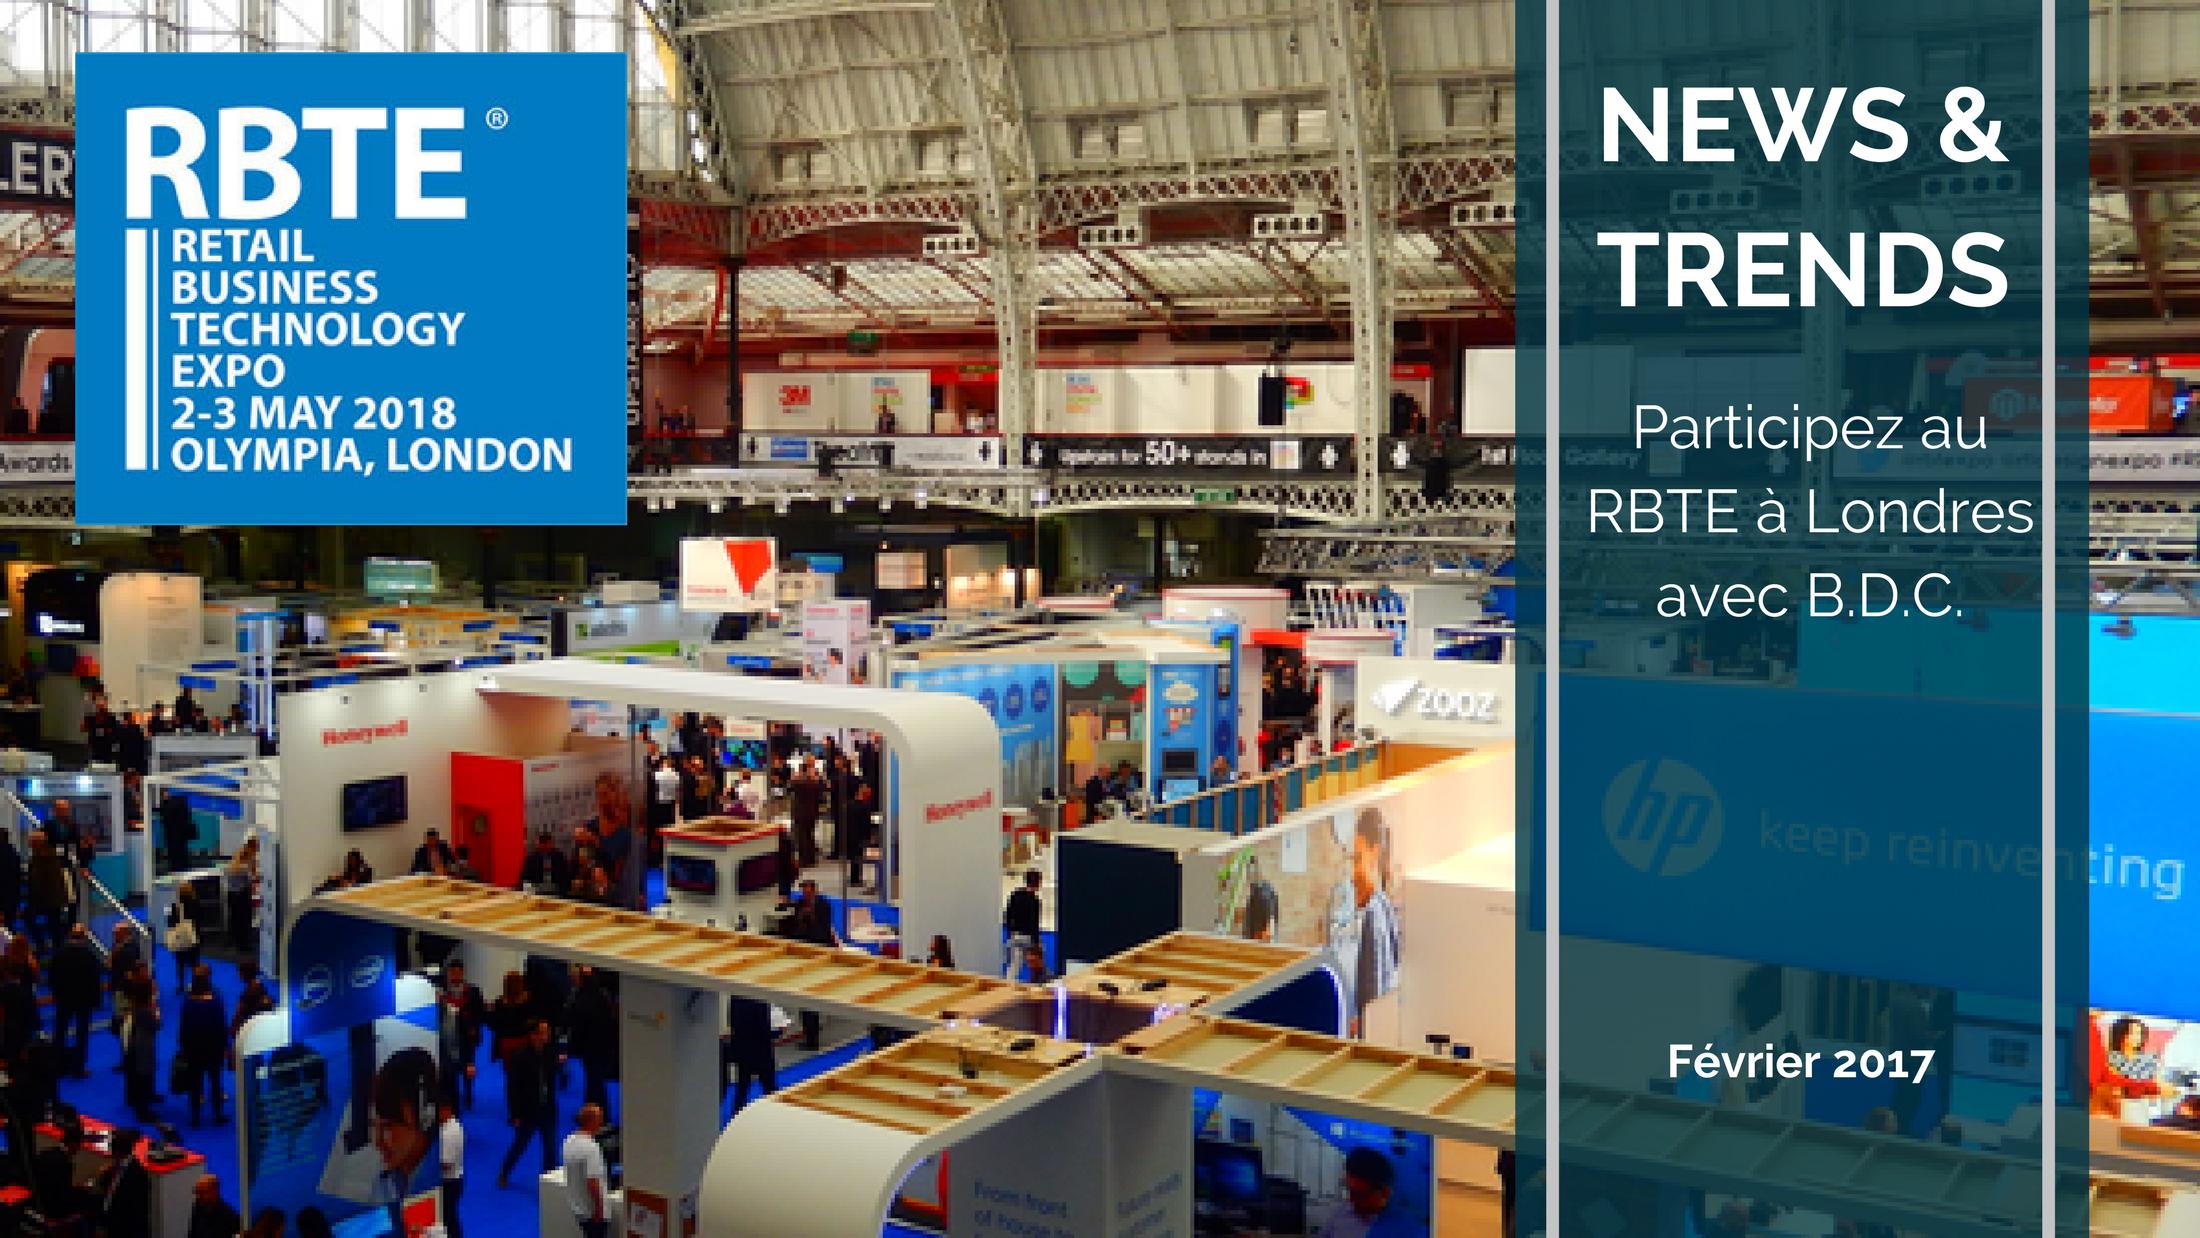 Trends News suite 6 - Participez au Retail Business Technology Expo (RBTE) avec B.D.C.